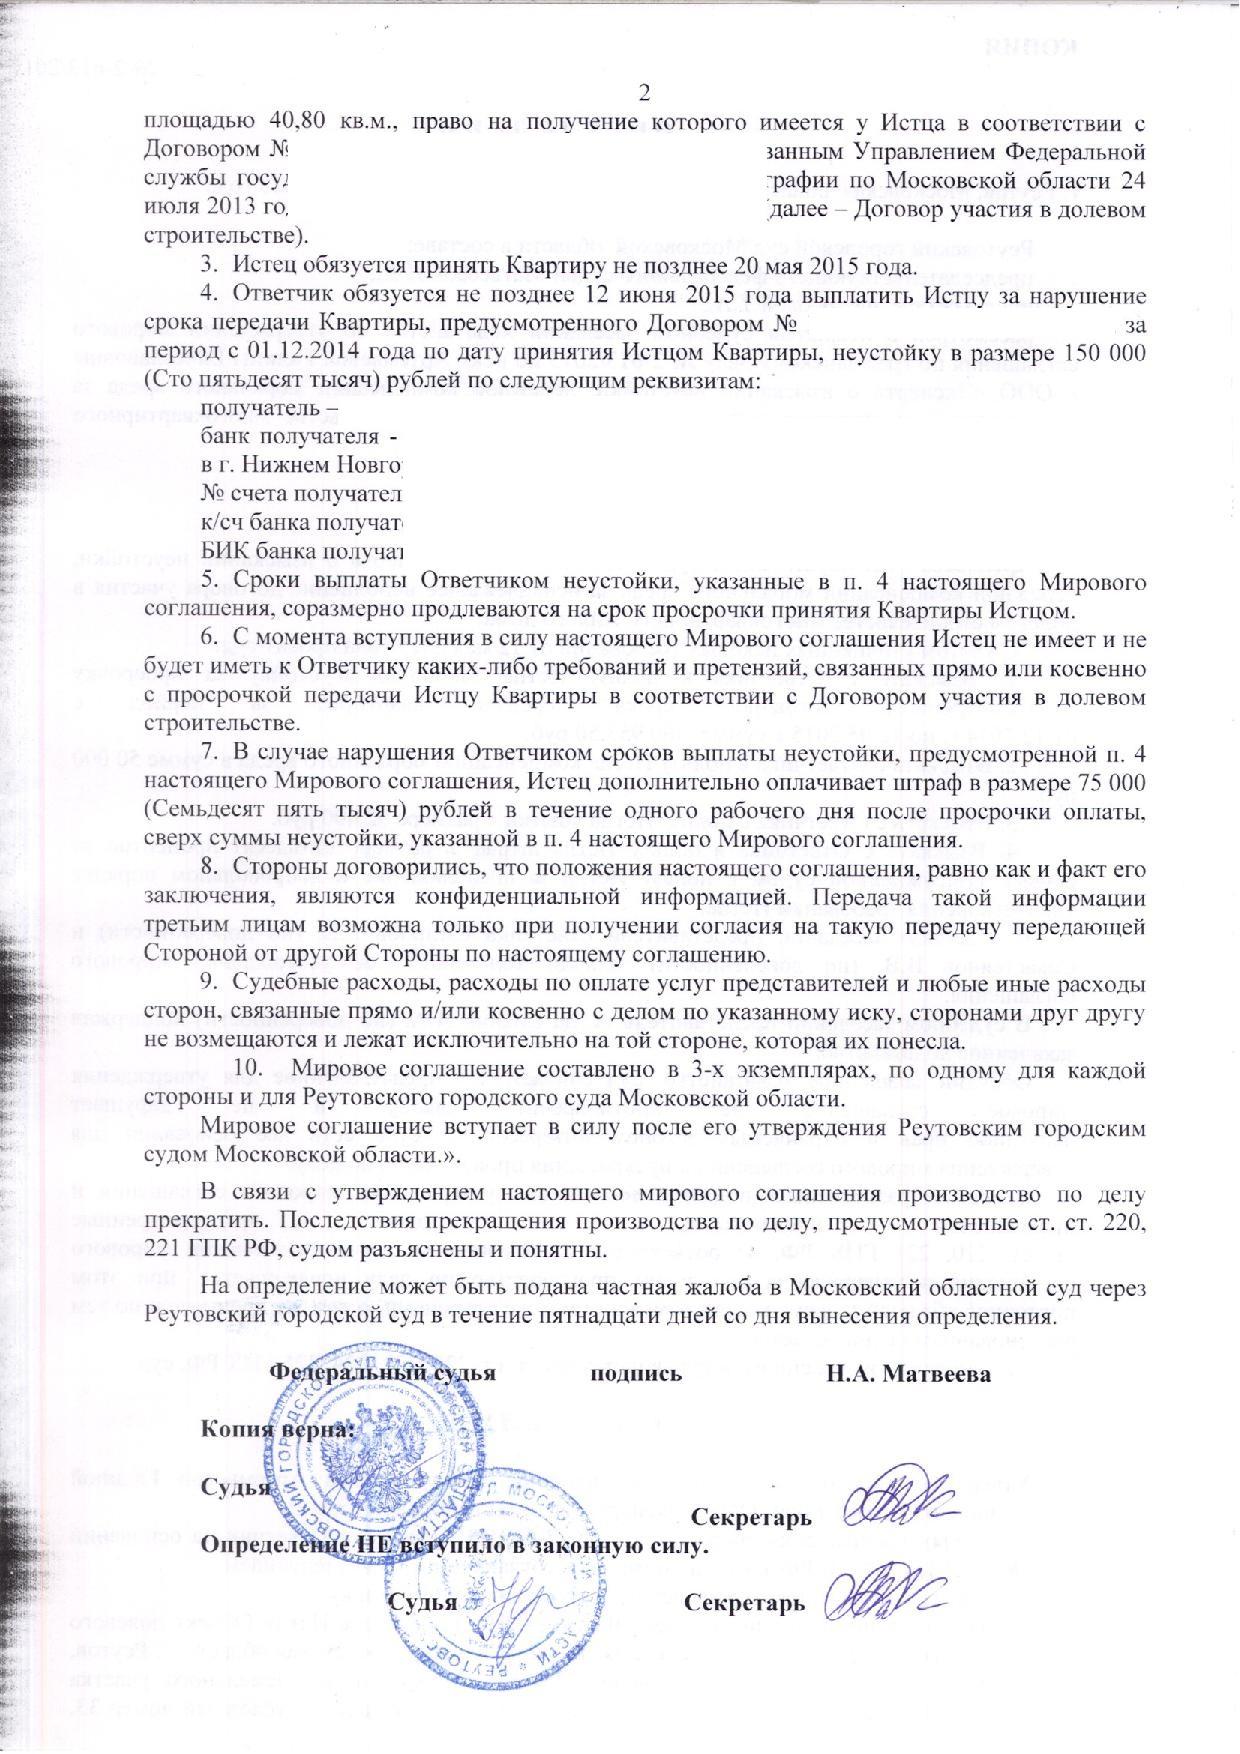 Мировое Соглашение в Арбитражном Процессе образец 2015